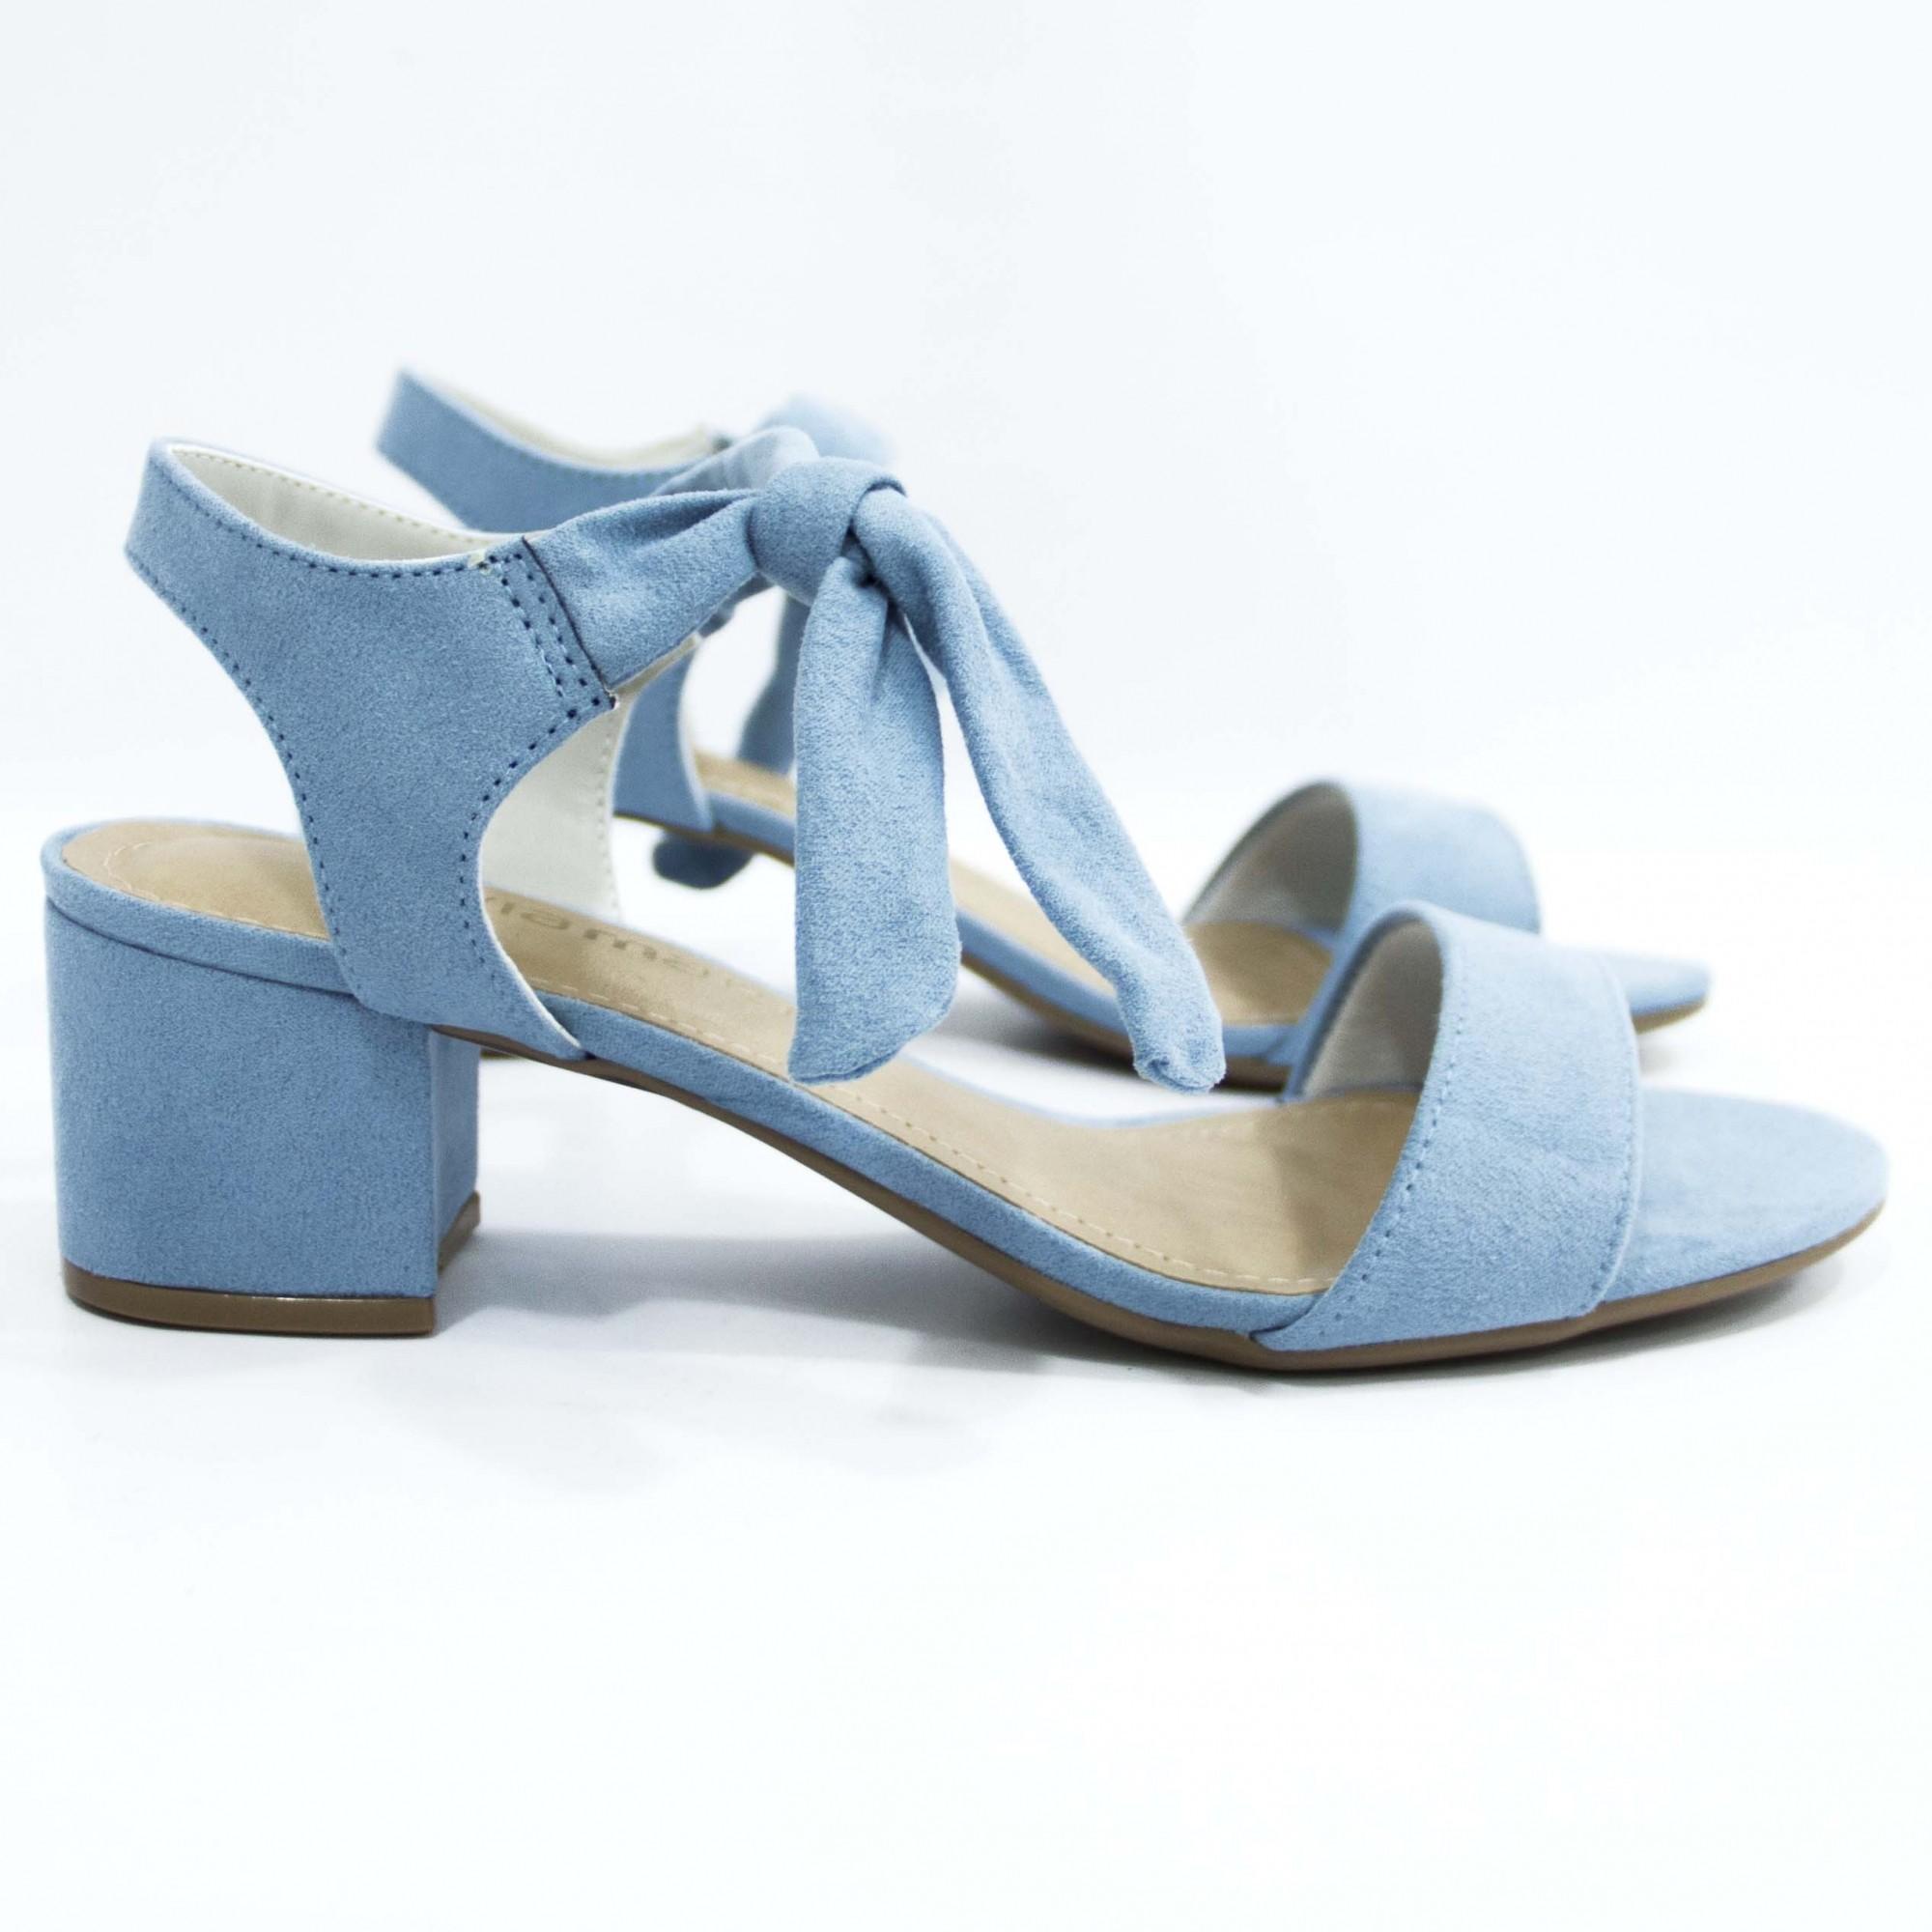 Sandália Azul Claro Nó Salto Bloco Via Marte